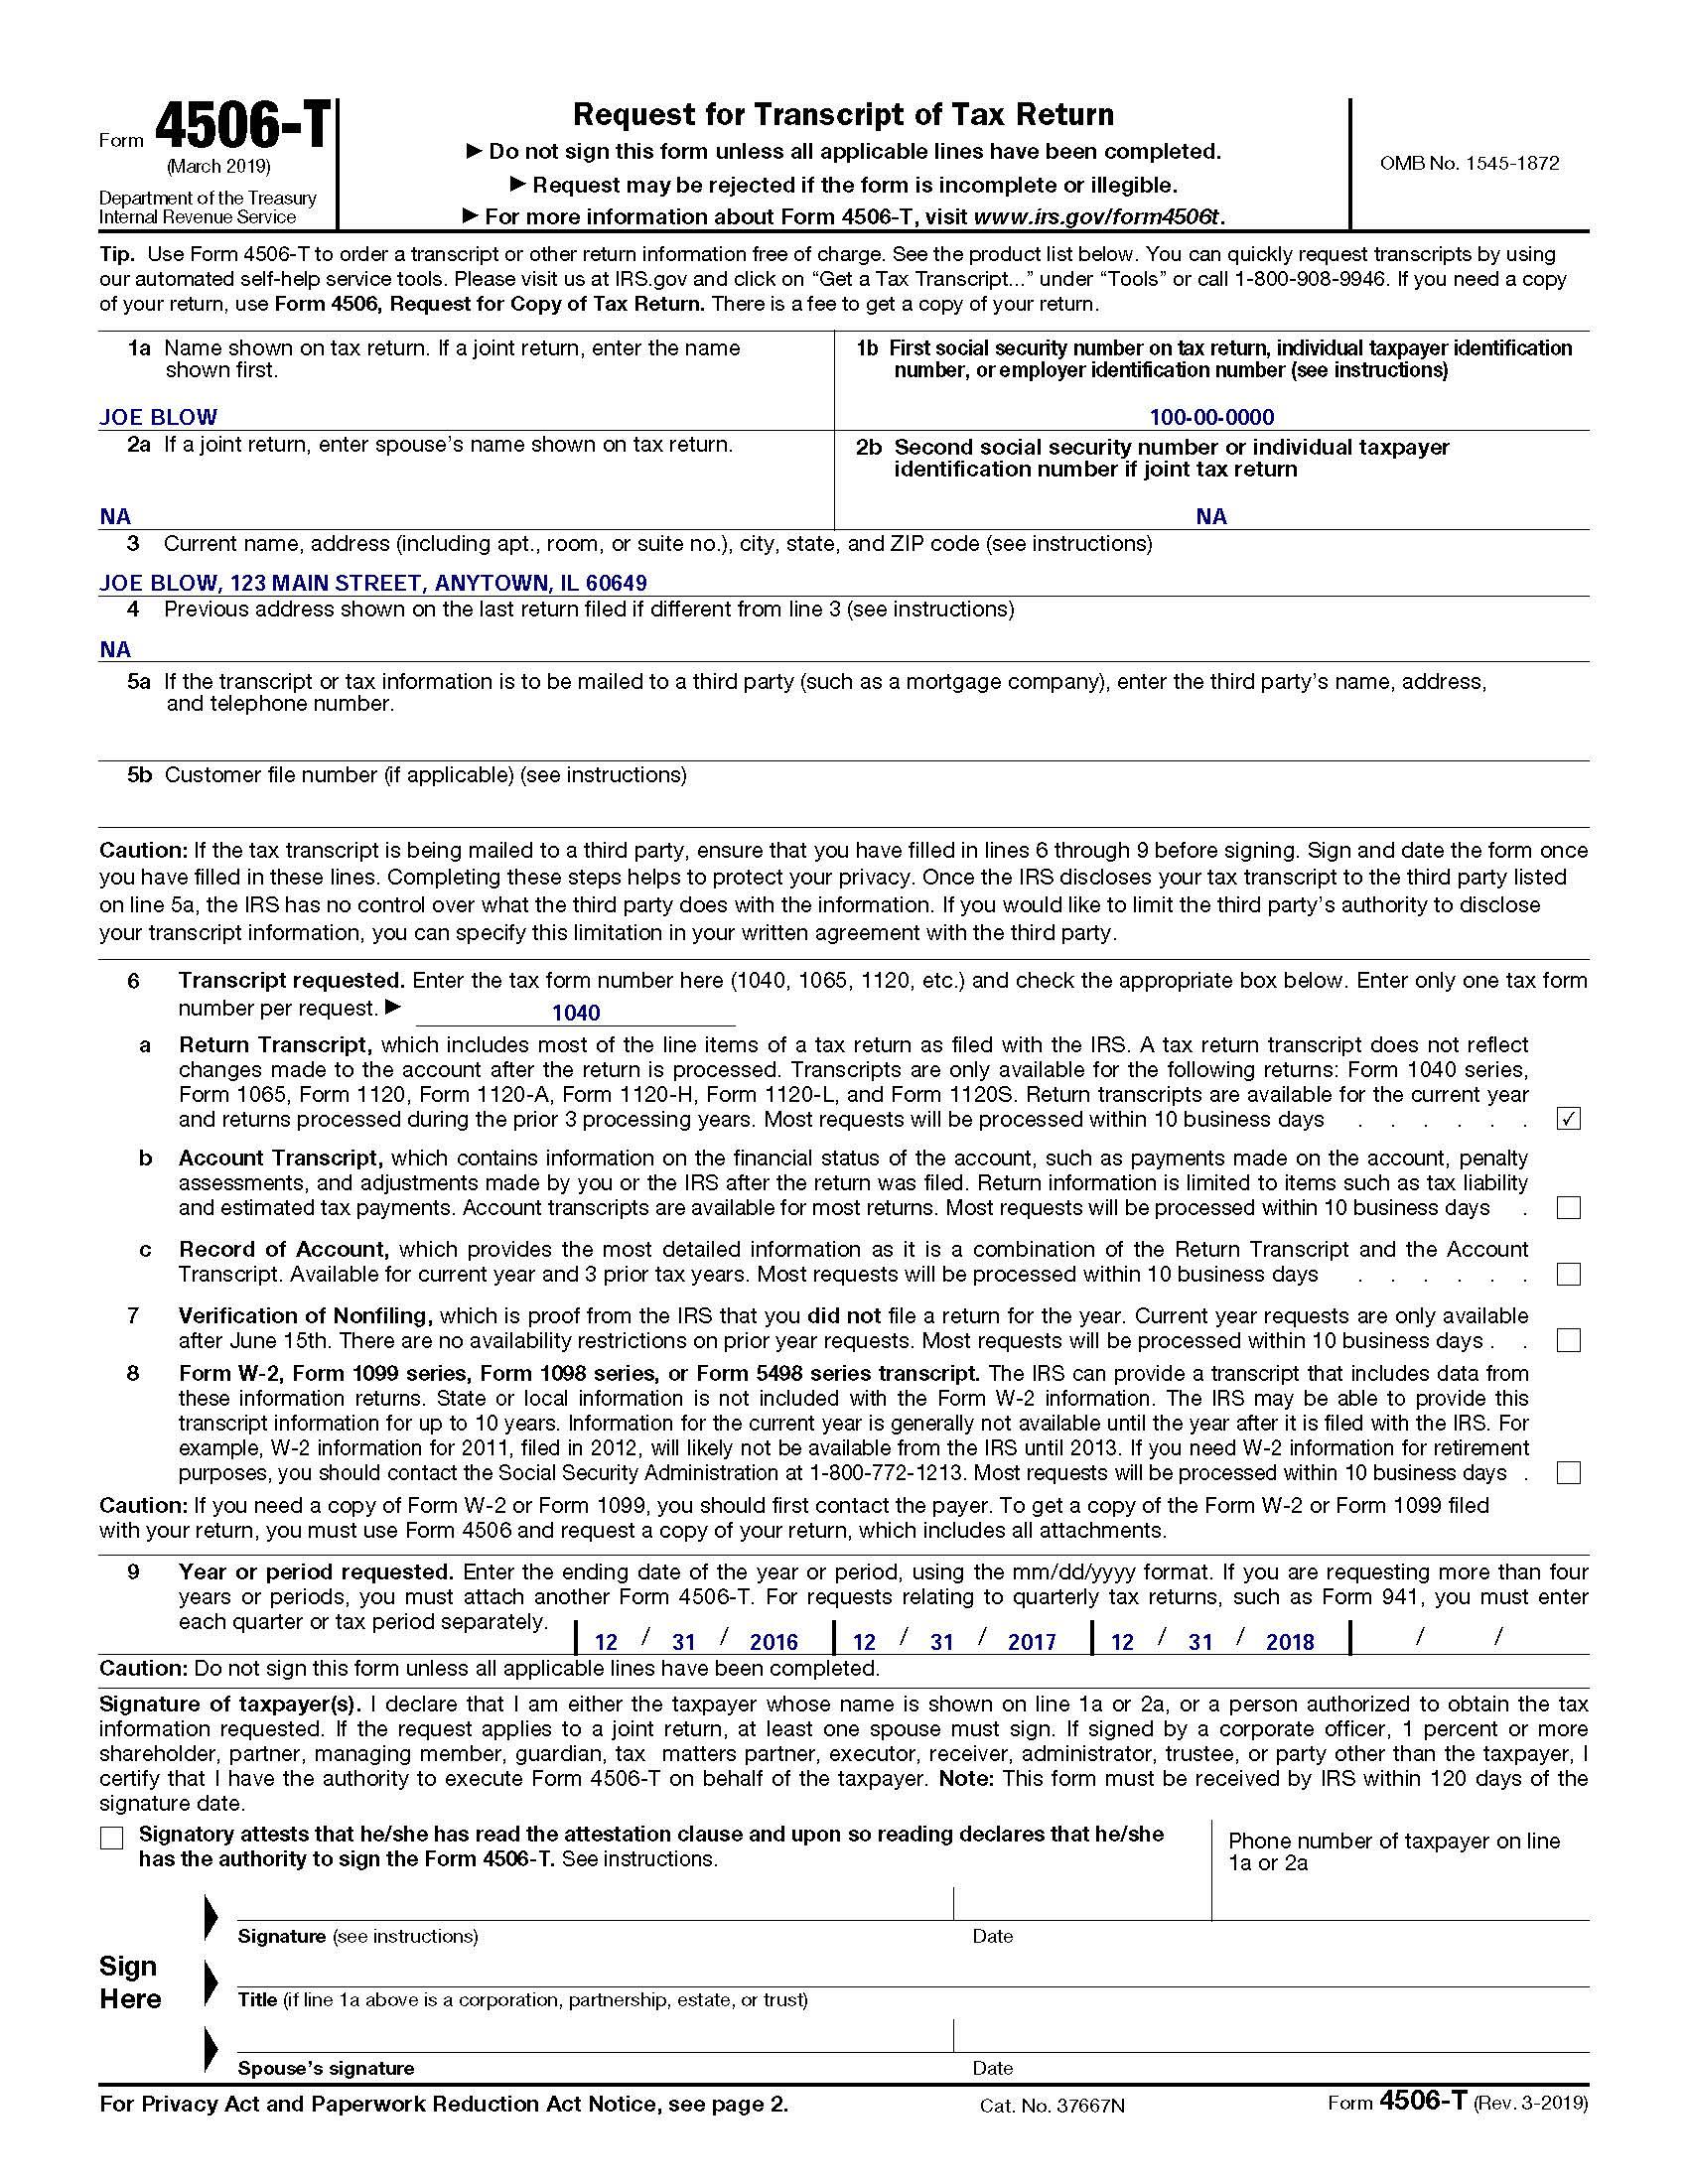 f4506T Transcript Tax Return EXAMPLE_Page_1.jpg